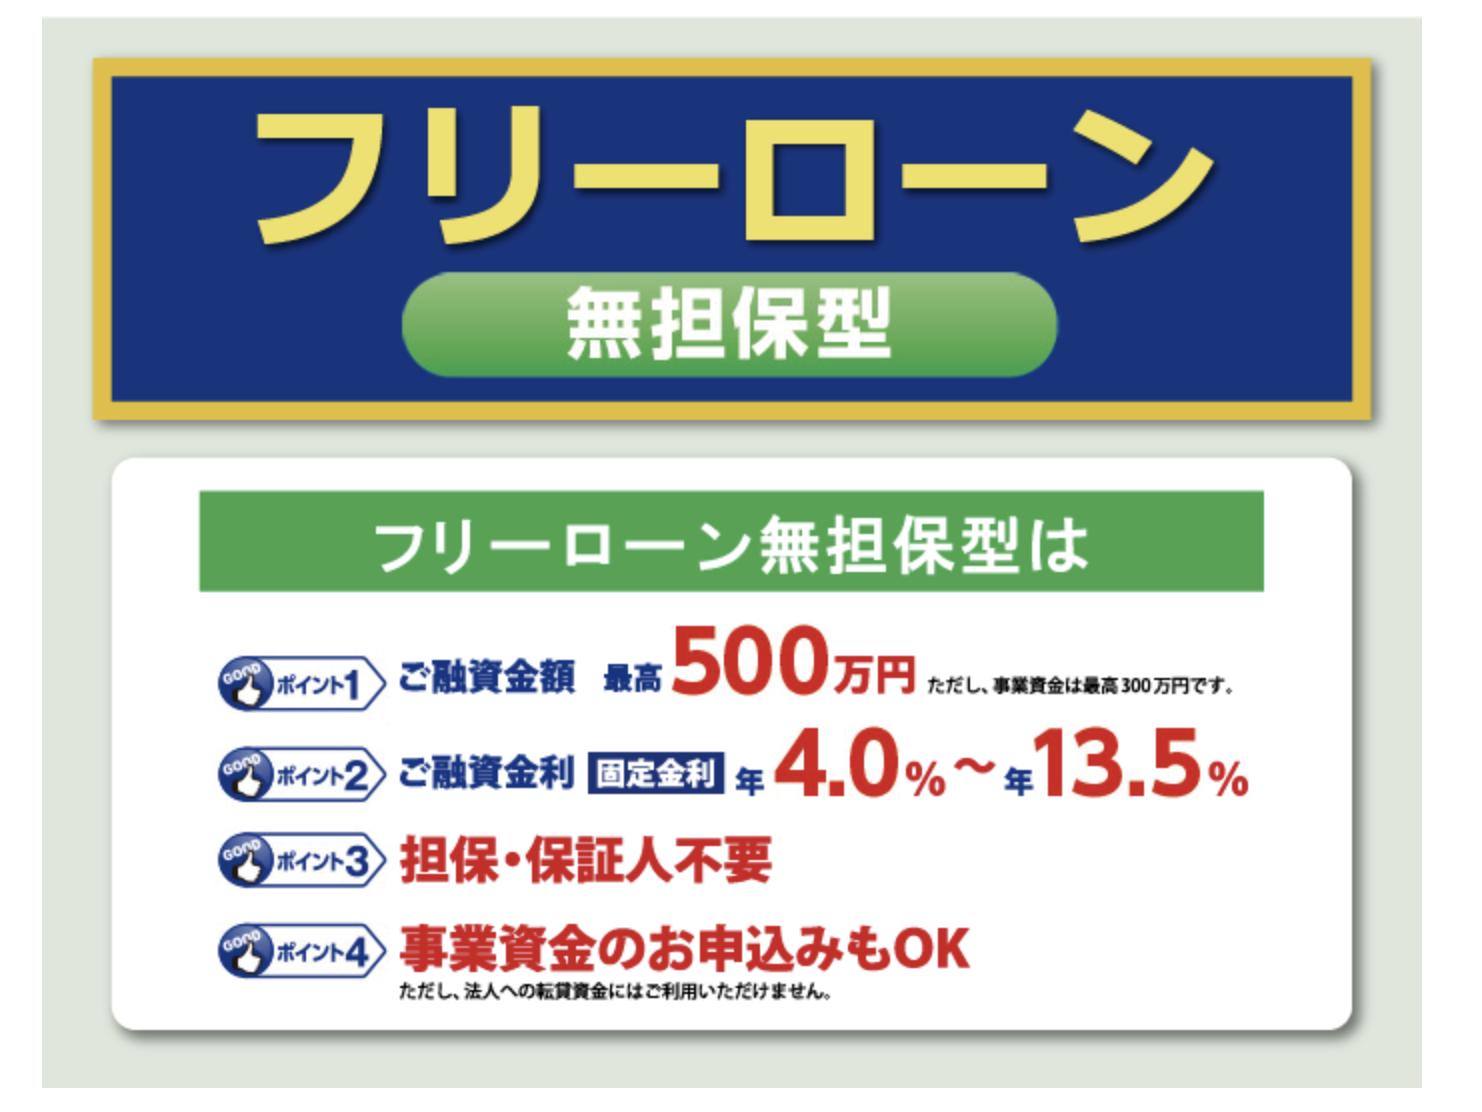 関西アーバン銀行アーバンフリーローン